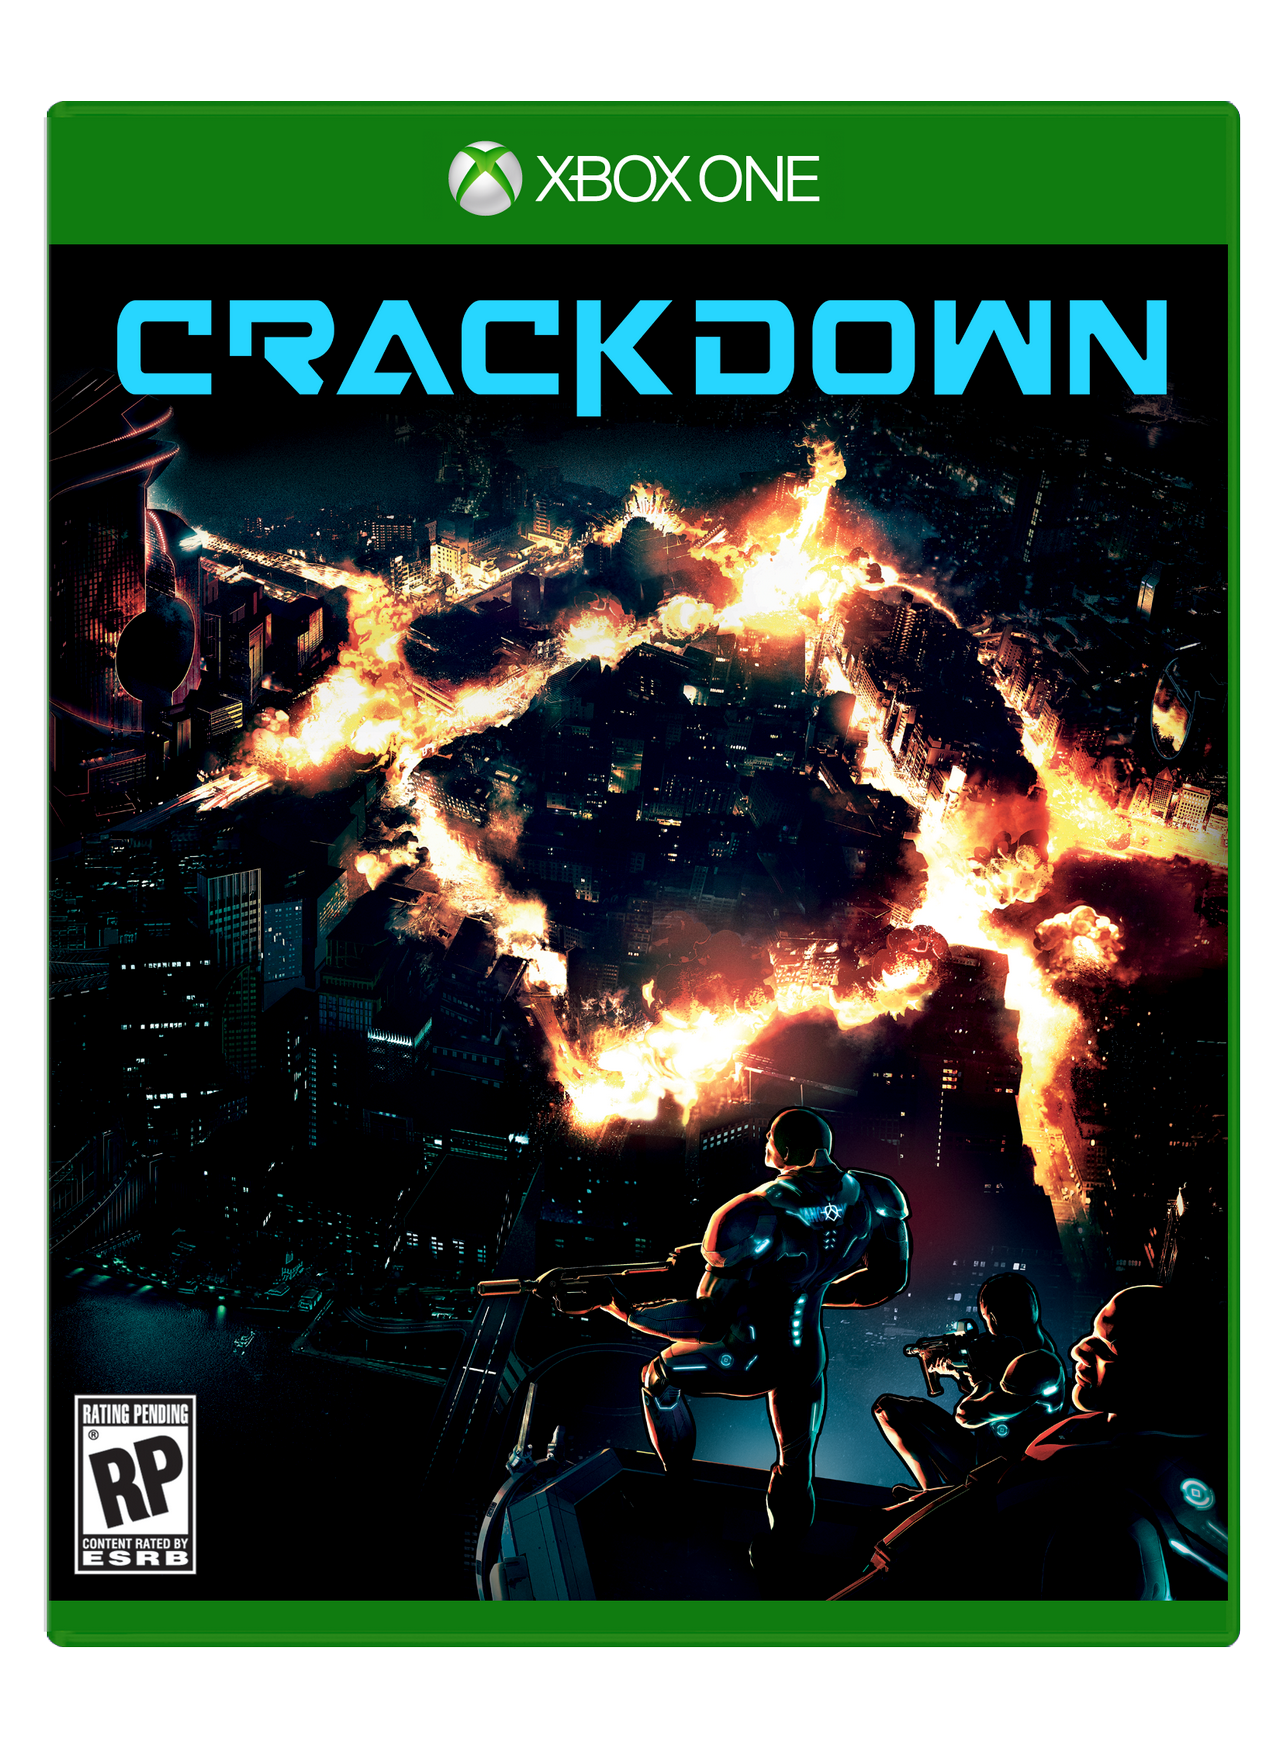 Crackdown 09-06-14 003